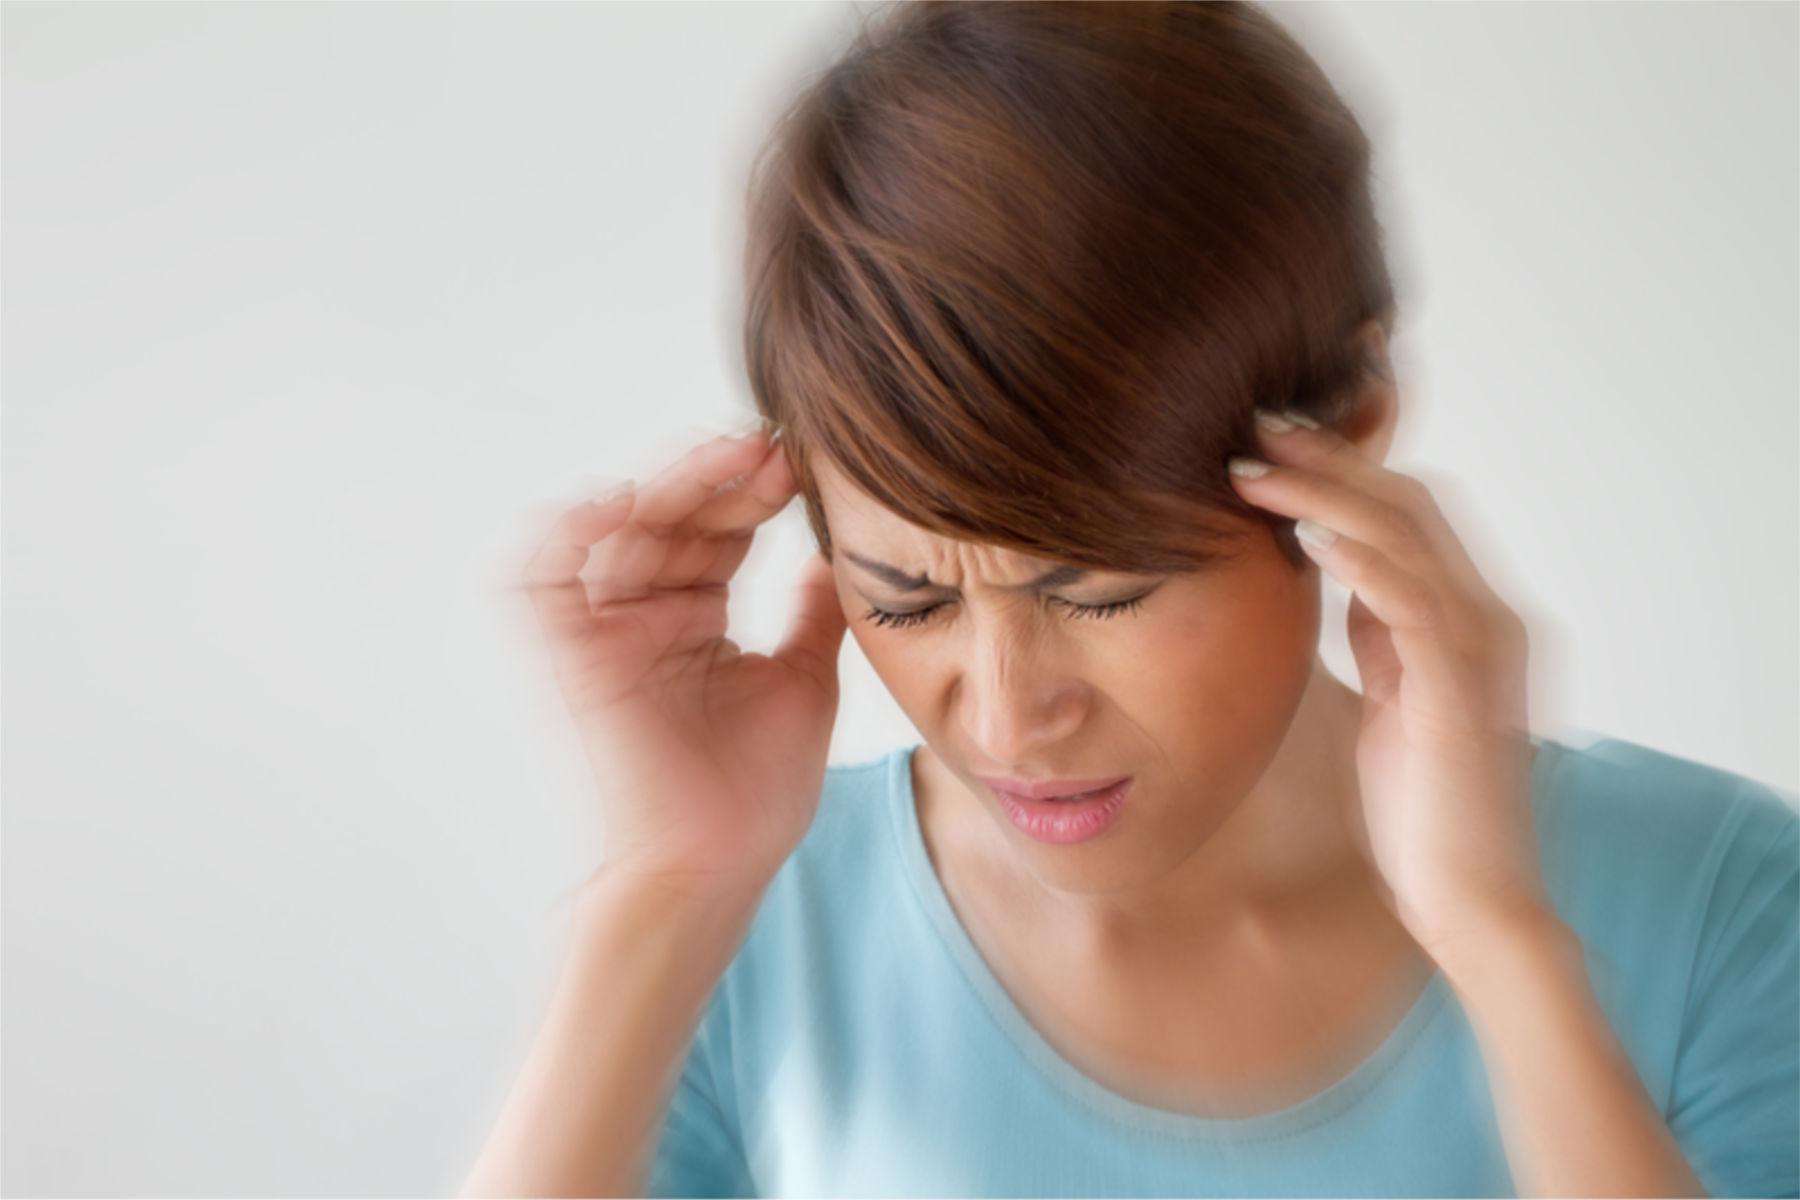 Cervikogen svimmelhet eller nakkesvimmelhet har sitt utspring fra nakken.